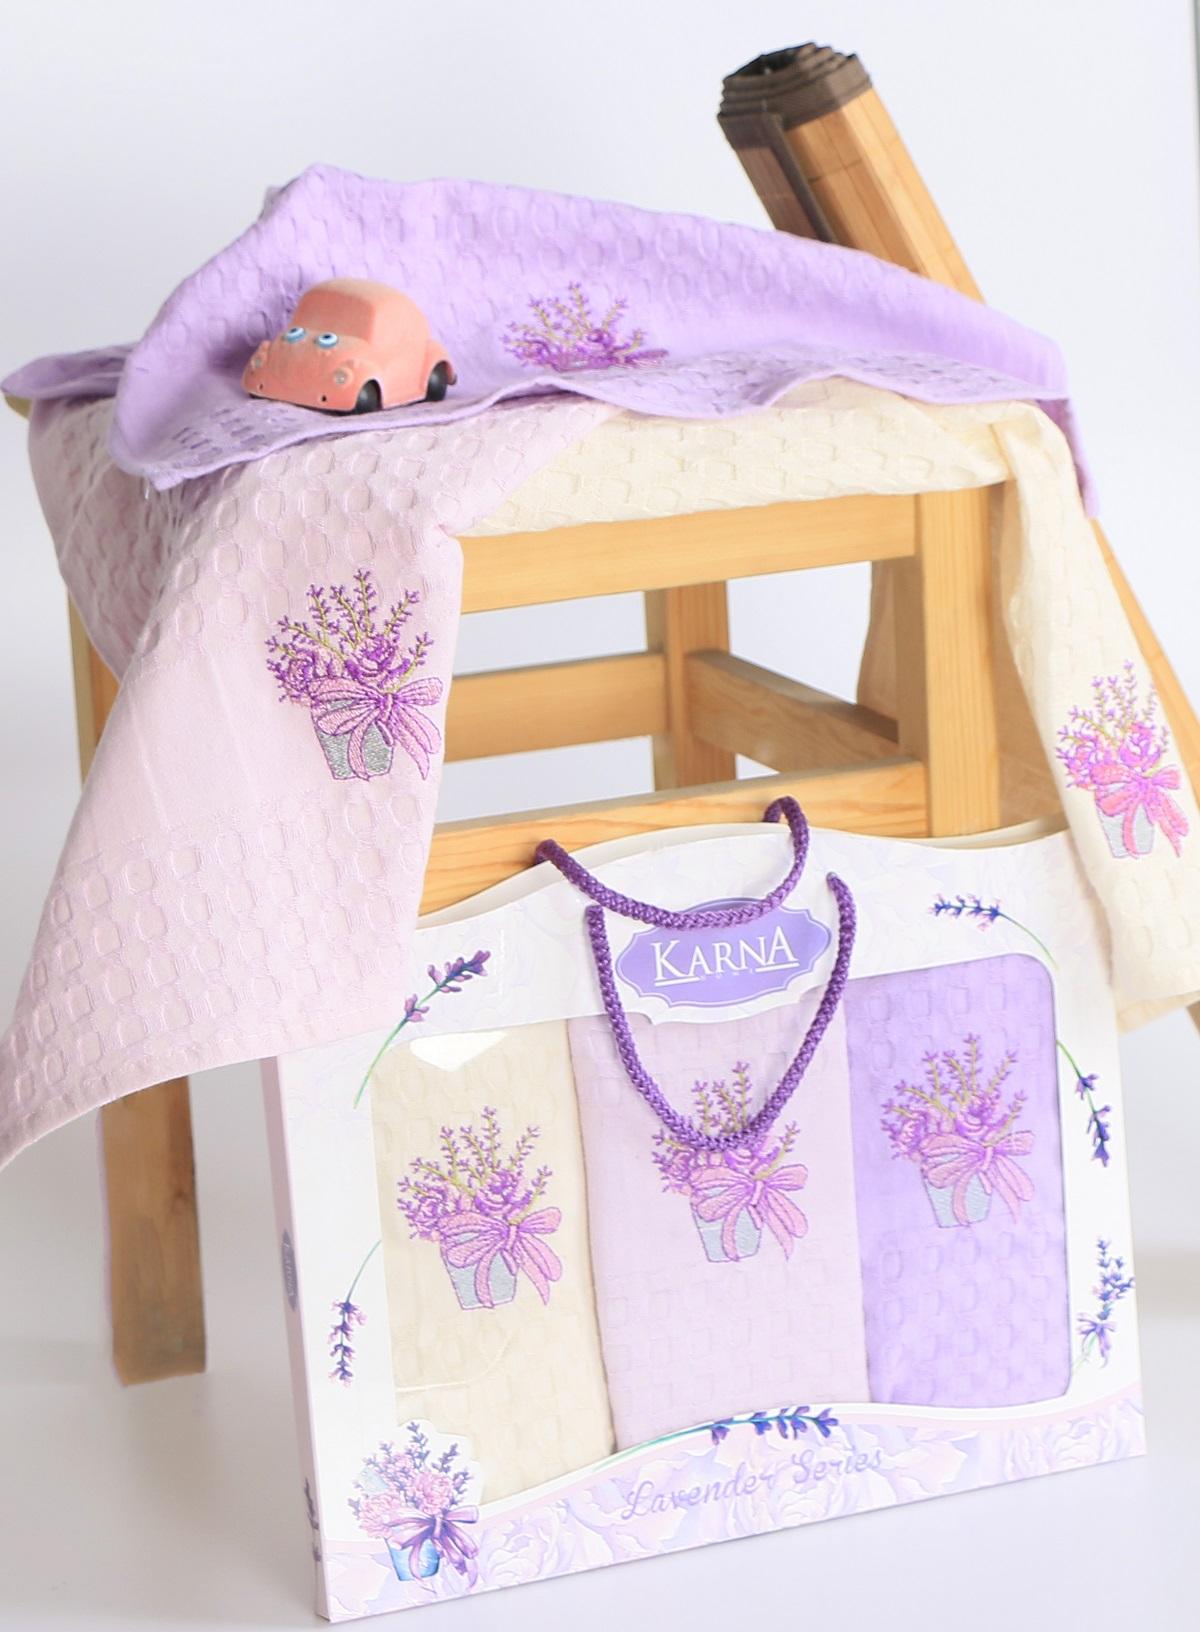 {} Karna Кухонное полотенце Lavender (45х65 см - 3 шт) наматрасник karna с пропиткой 120x200 см